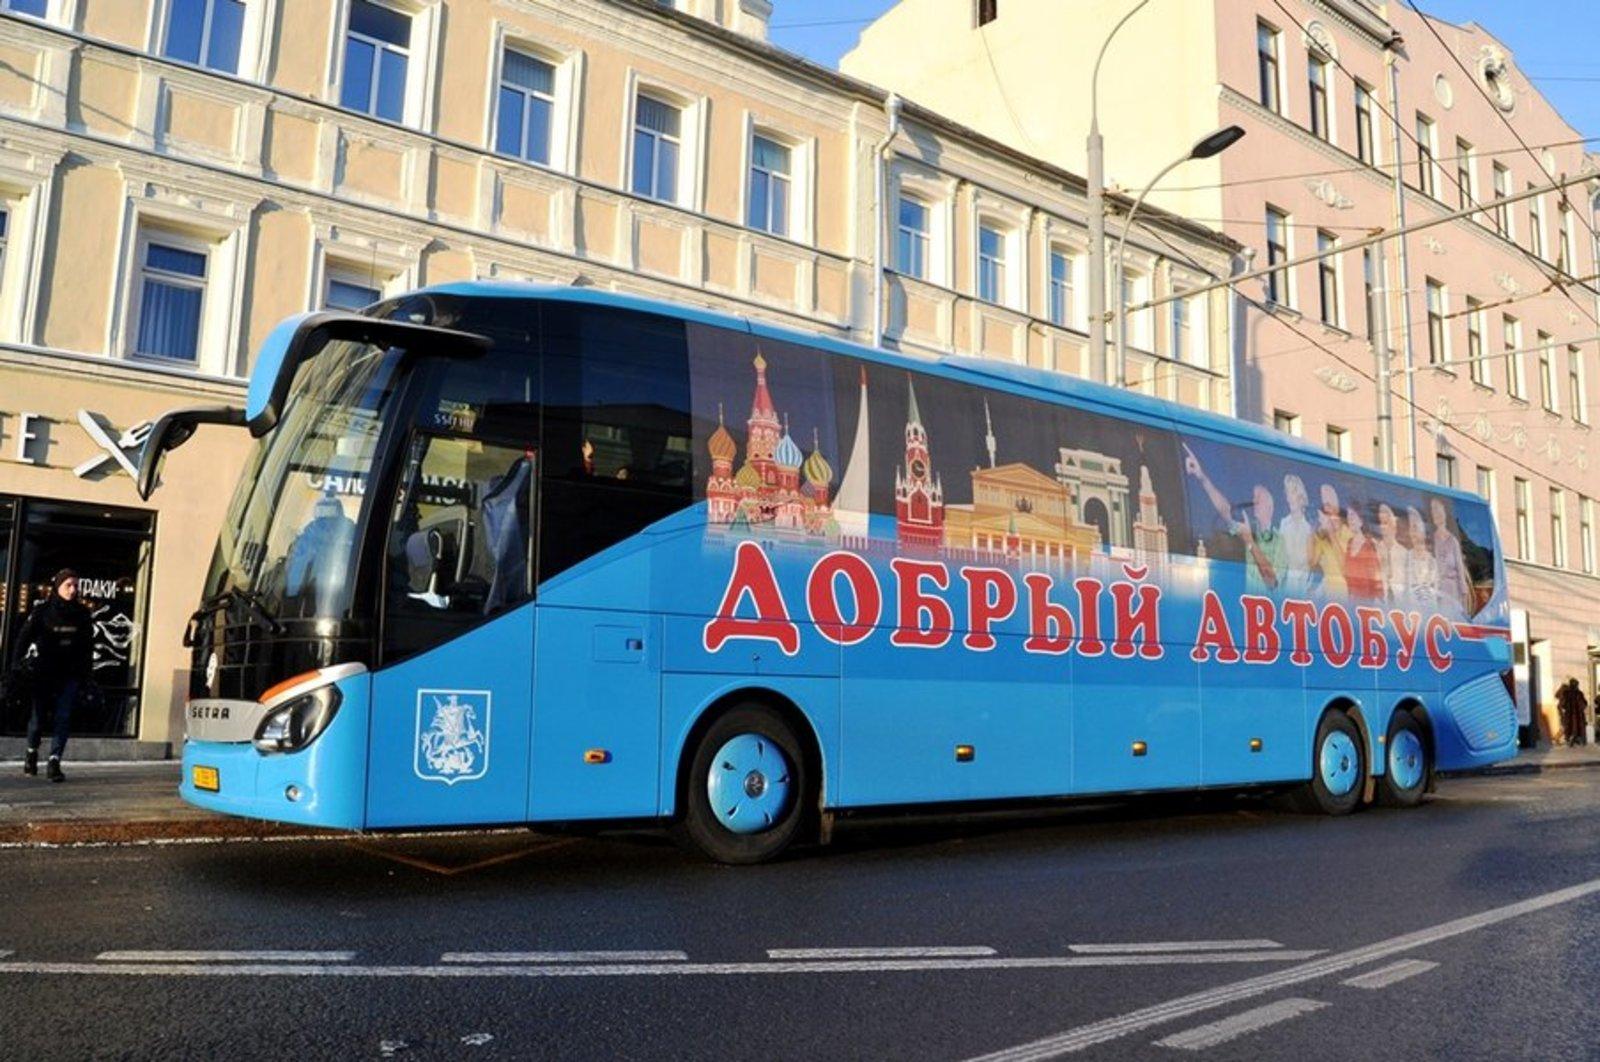 По словам Цветковой, суммарный стаж семейной жизни пар,отправившихсяв путешествие по Москве,составляет почтитысячу лет